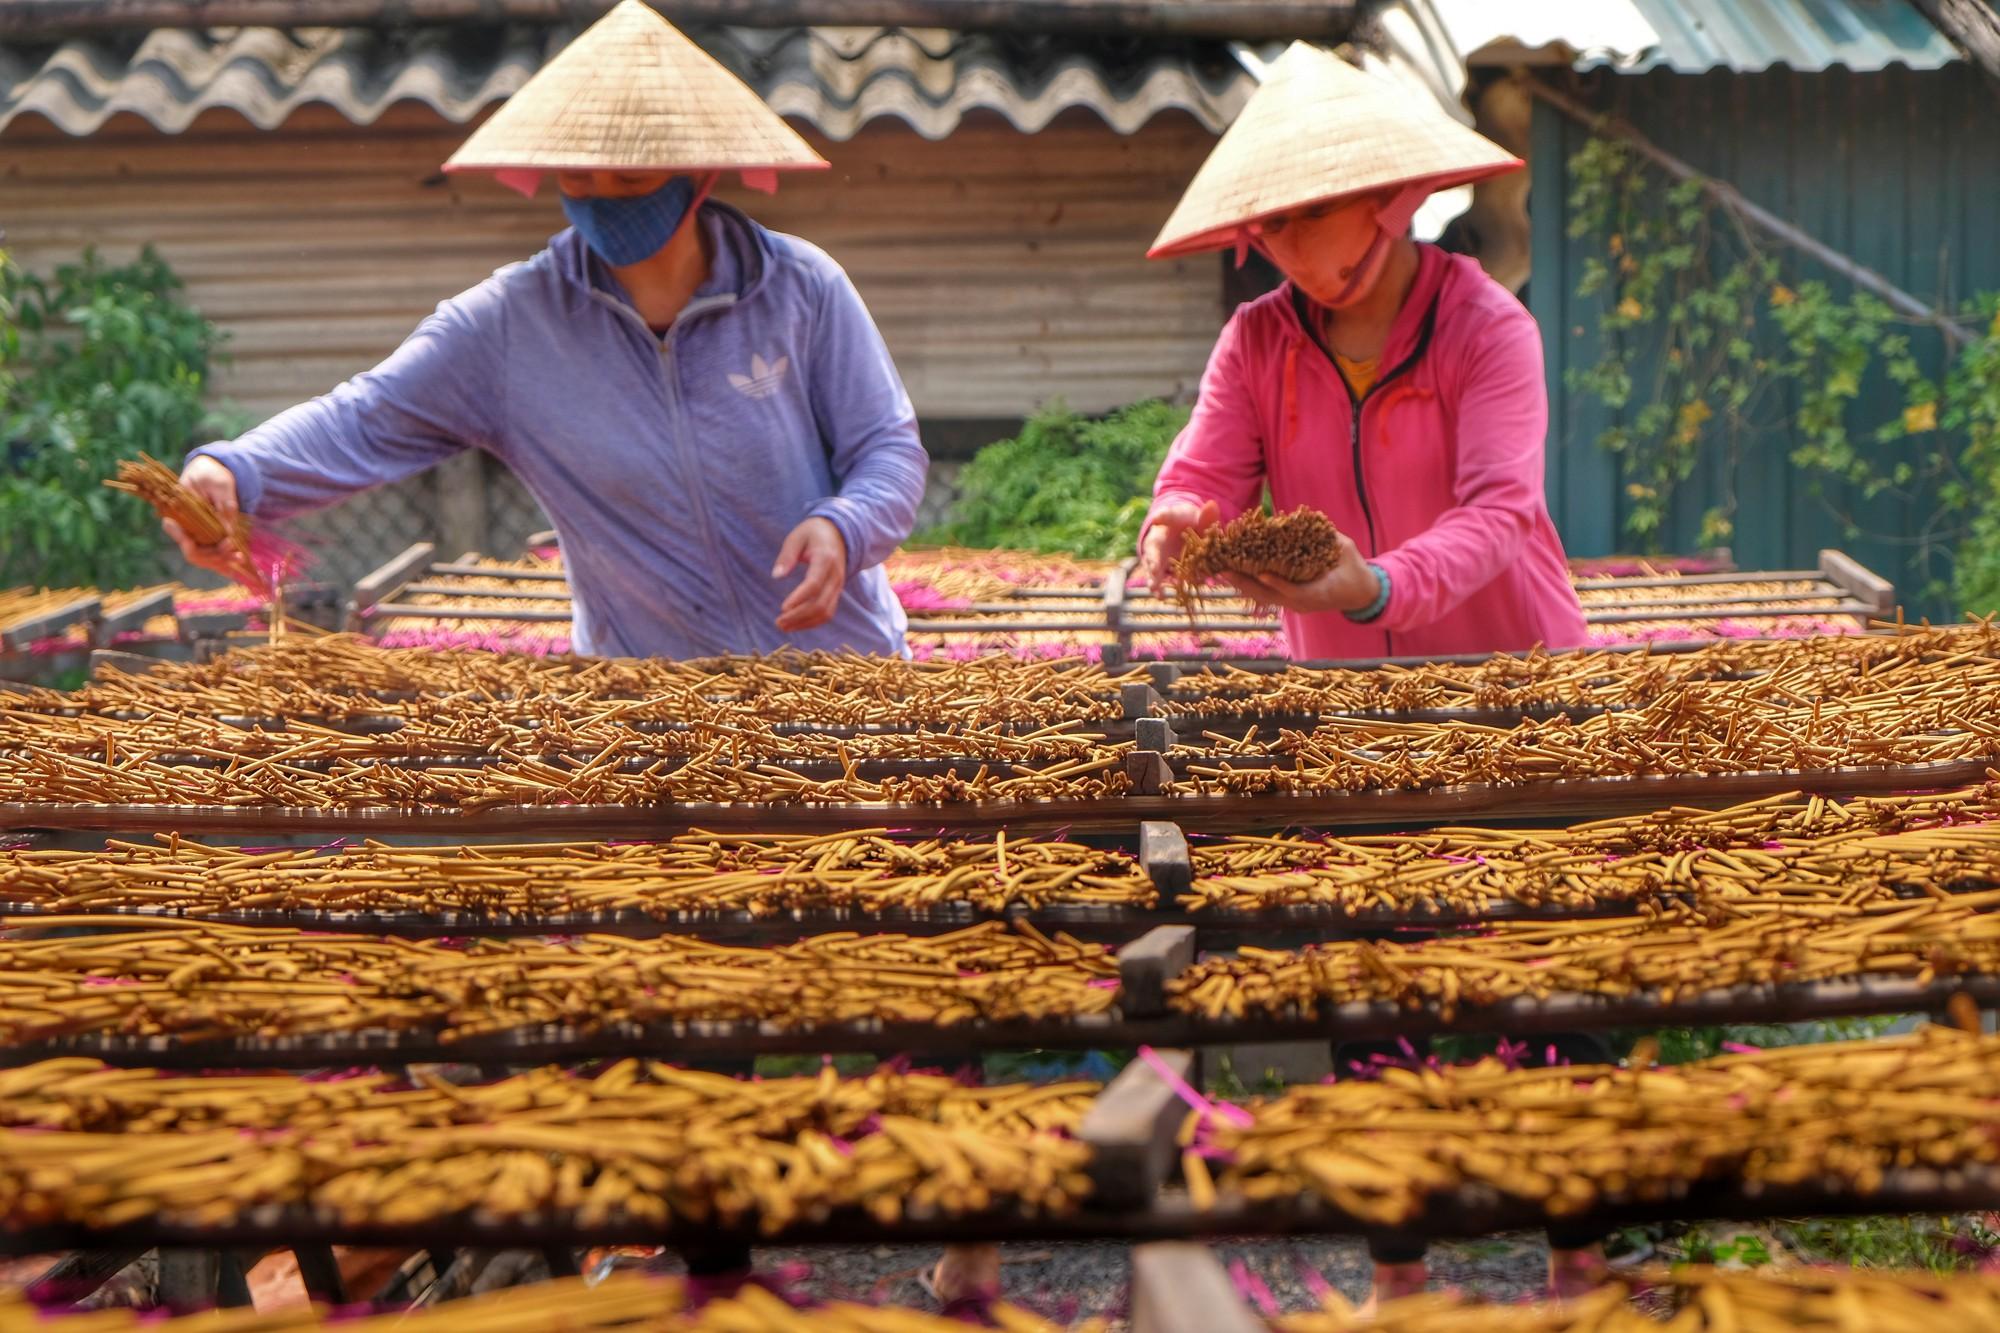 Về làng tăm hương Quảng Phú Cầu ngắm những đóa hoa đỏ rực dưới nắng thu - Ảnh 12.